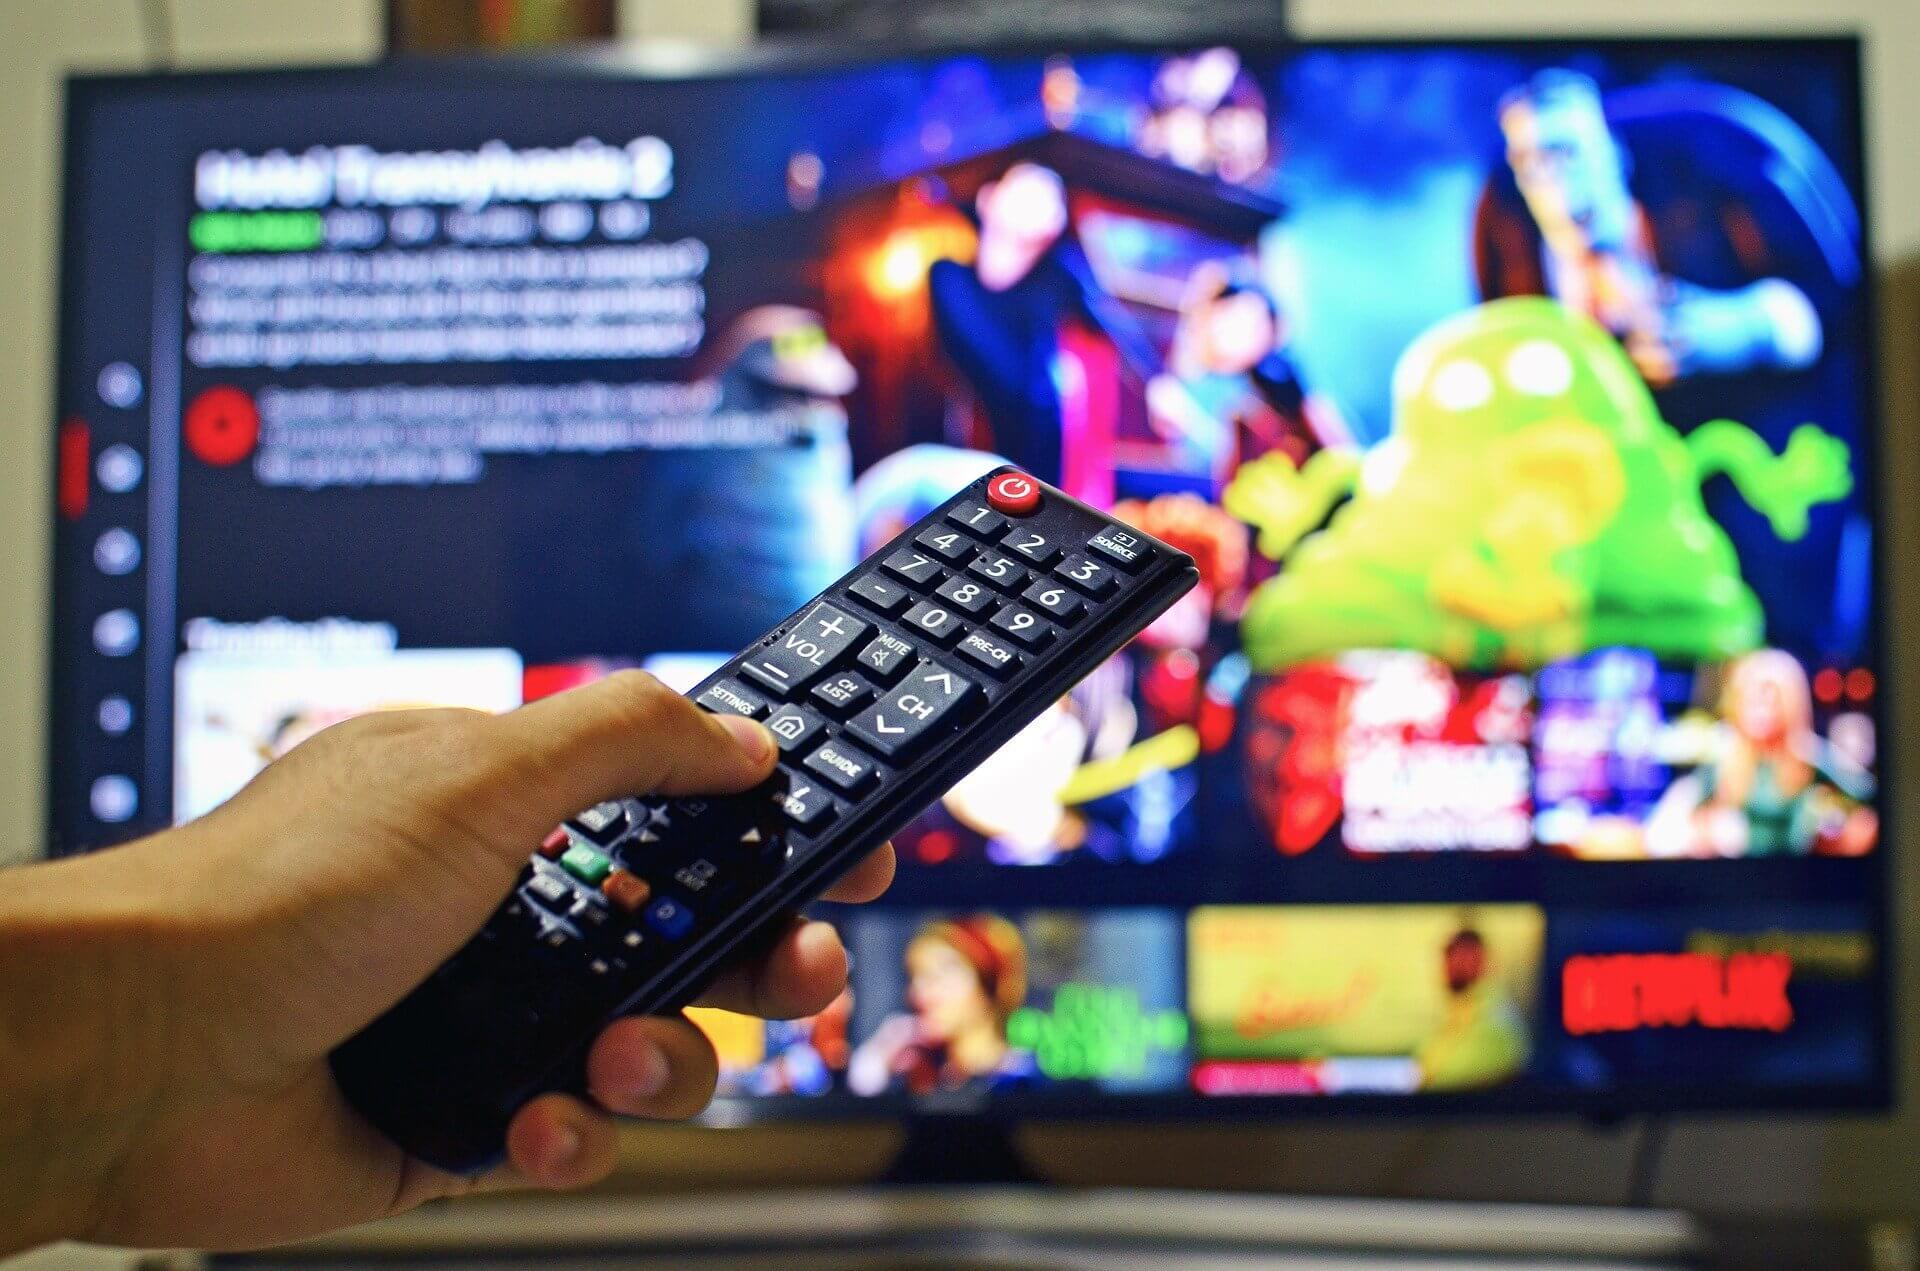 samsung smart TV apps hack